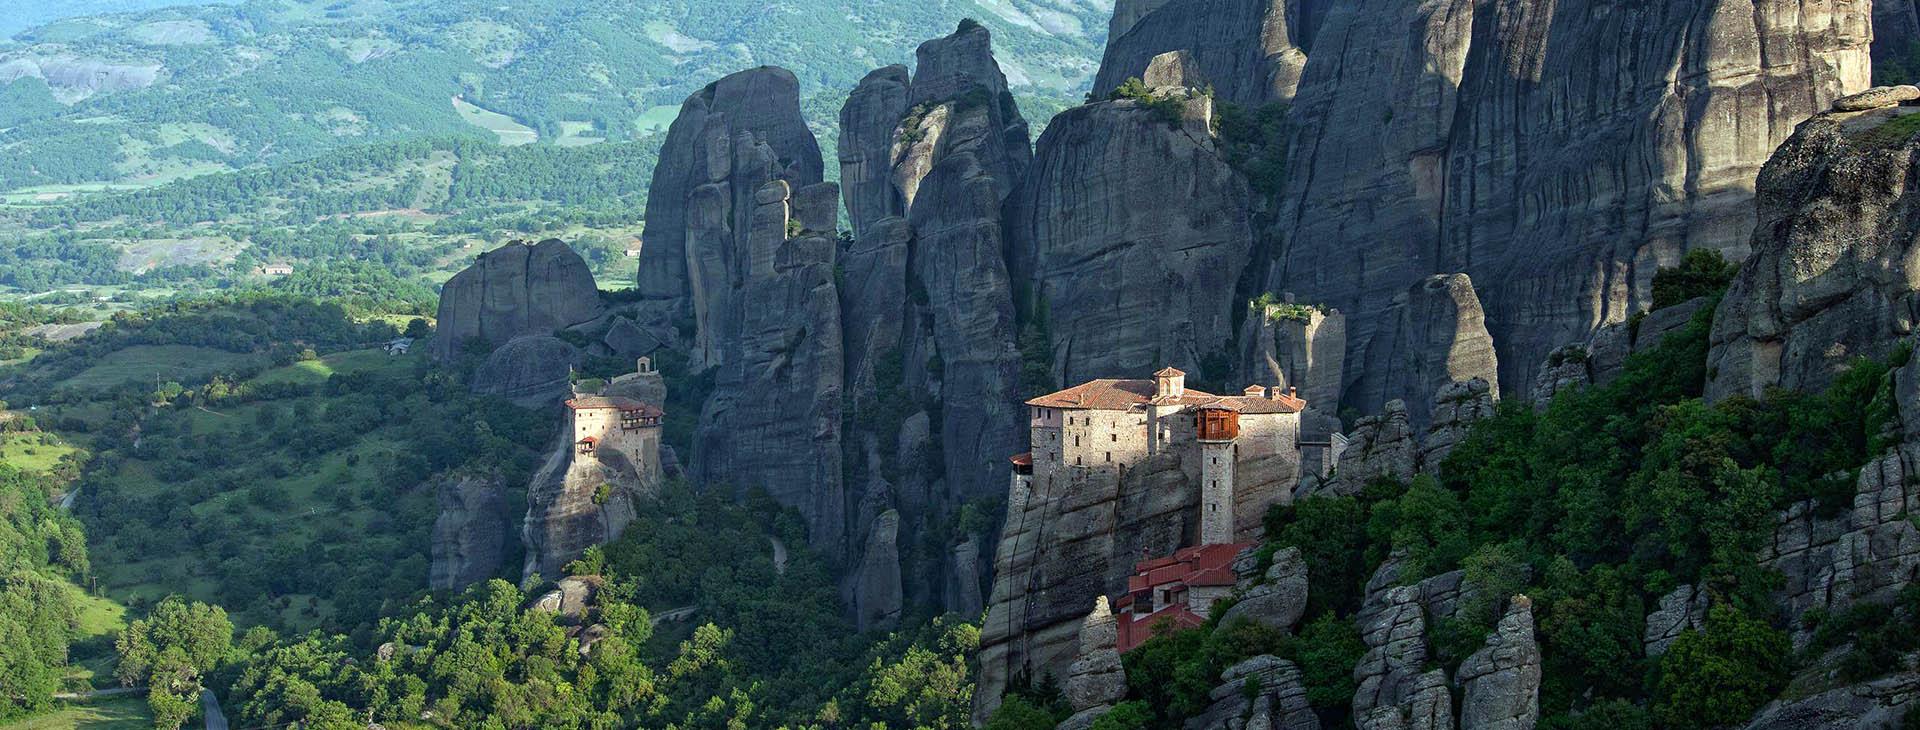 Roussanou Monastery & St. Nicholas Anapafsas Monastery at Metéora, Trikala